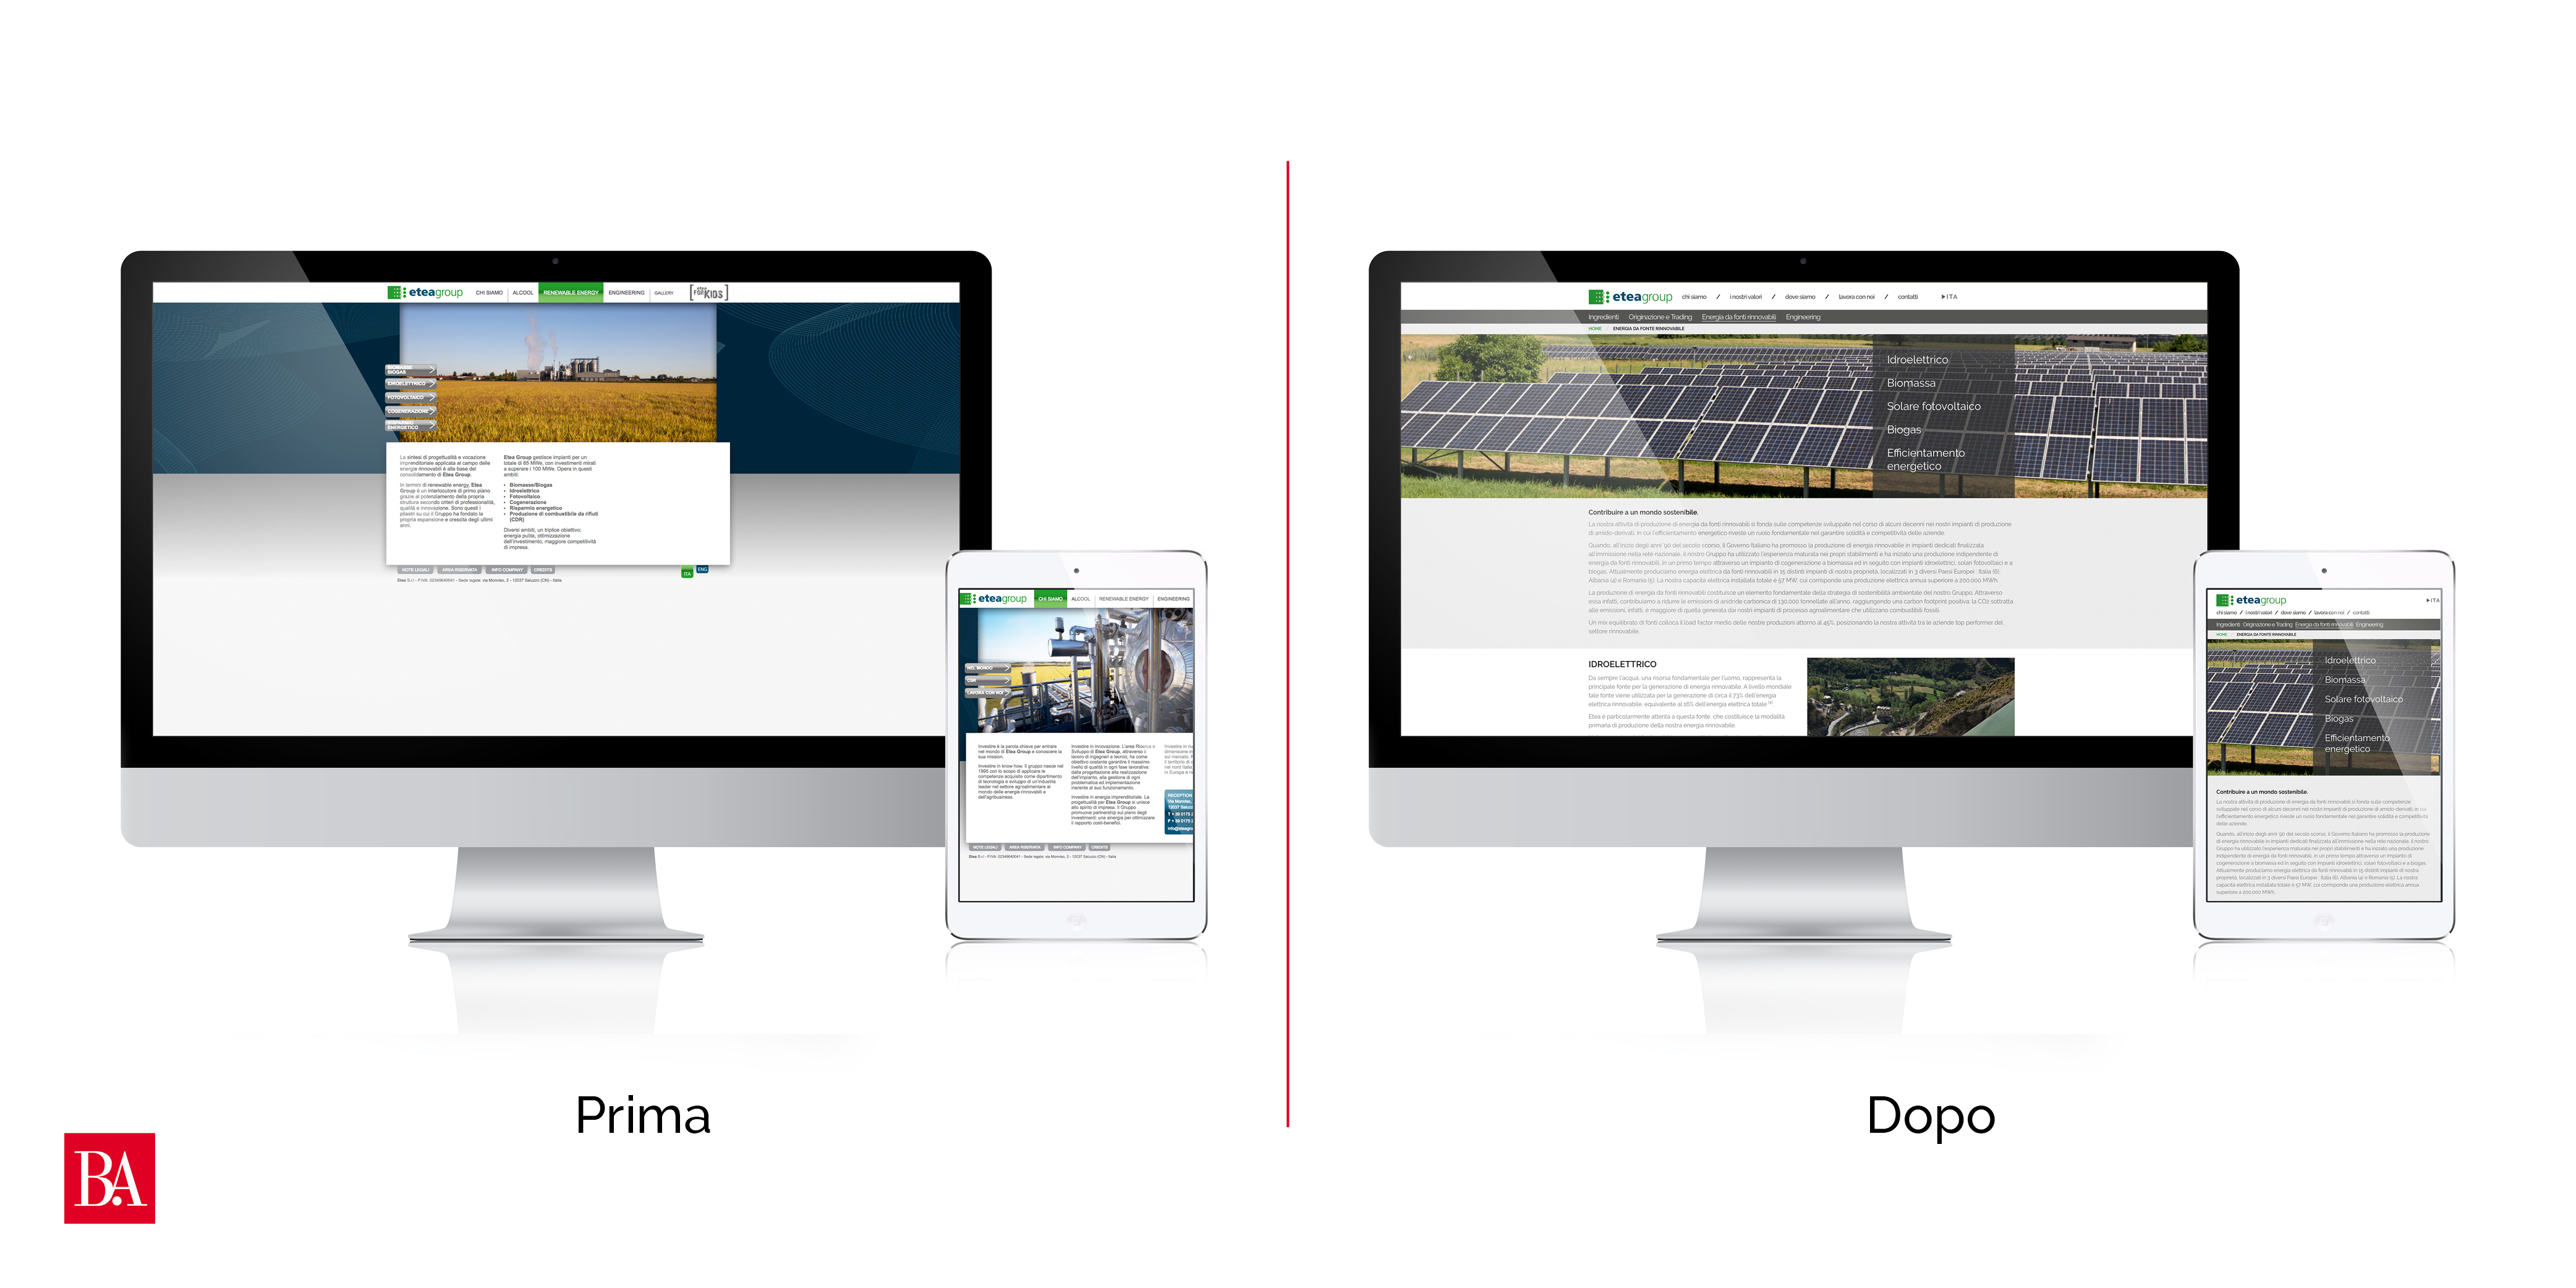 Realizzare sito - Confronto prima-dopo